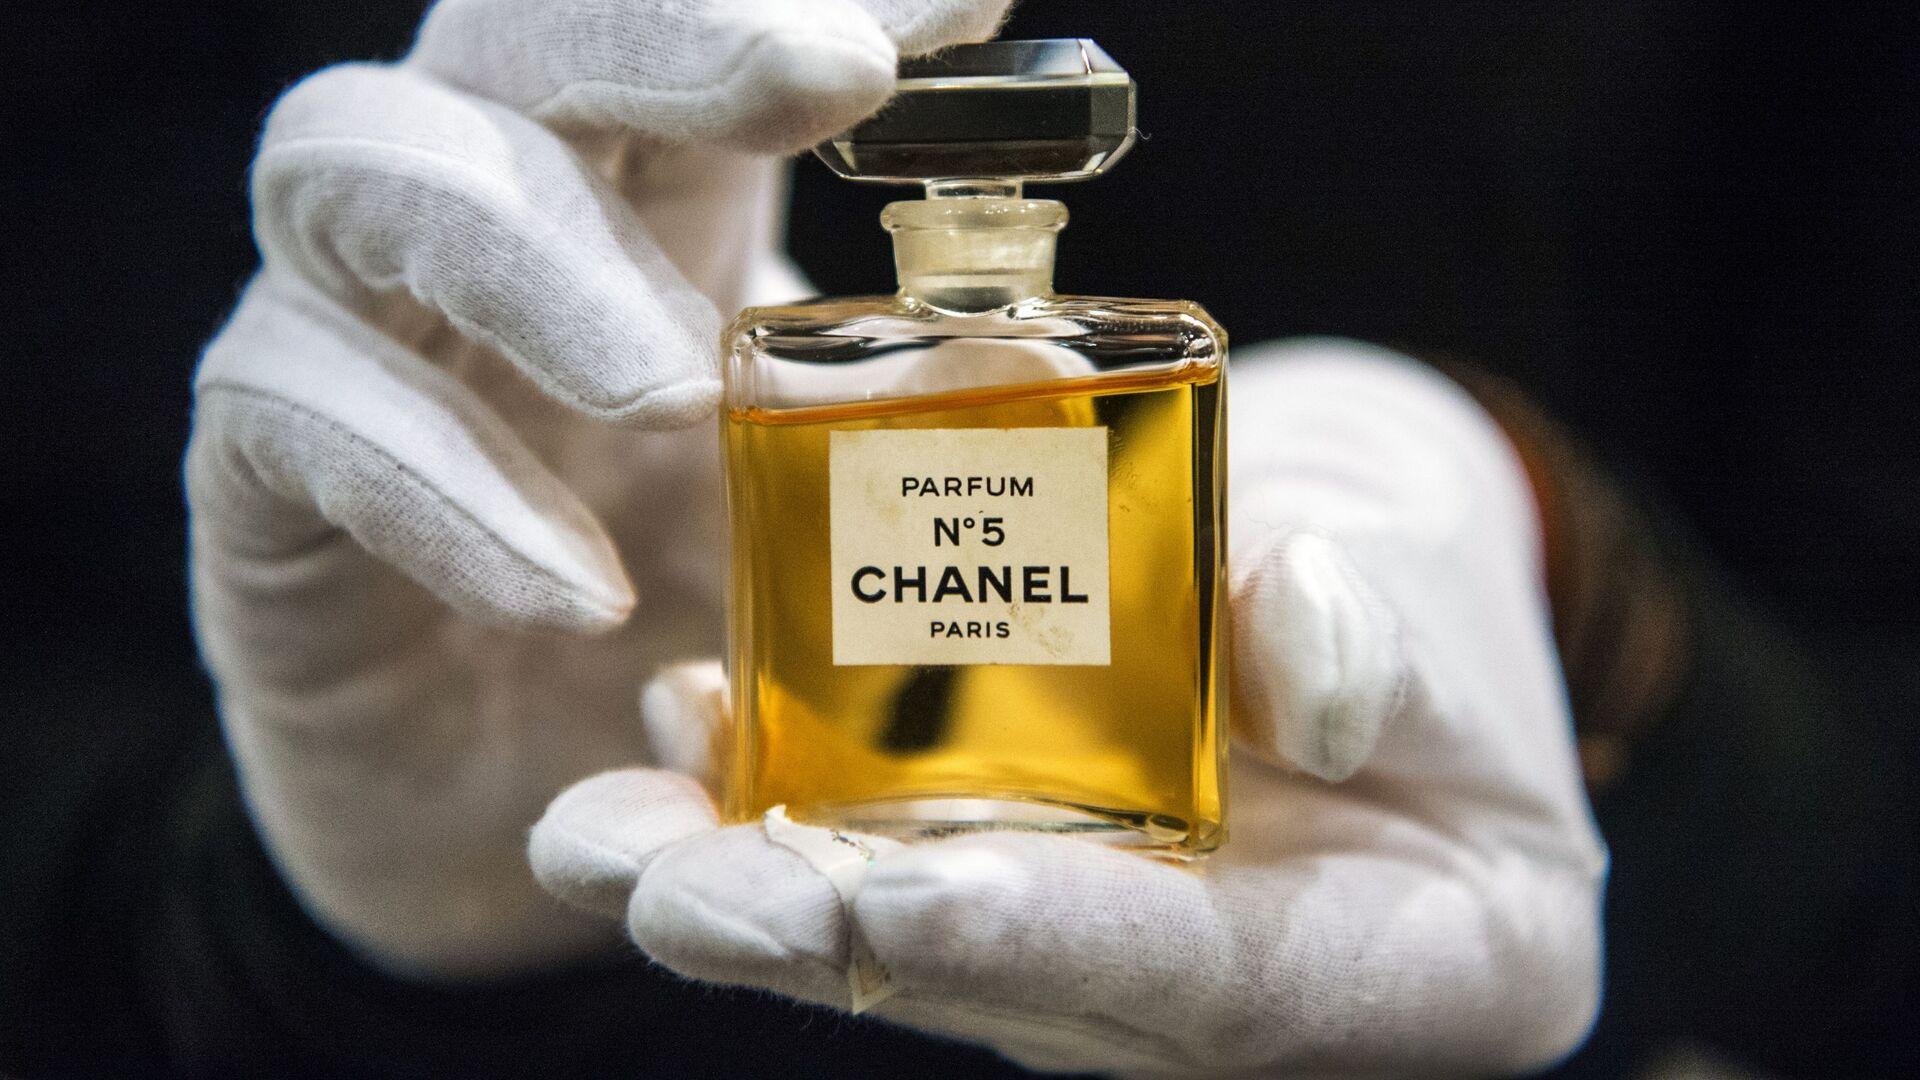 Флакон духов Chanel № 5 на выставке I love Chanel. Частные коллекции в МВЦ Музей Моды в Москве - Sputnik Mundo, 1920, 05.05.2021